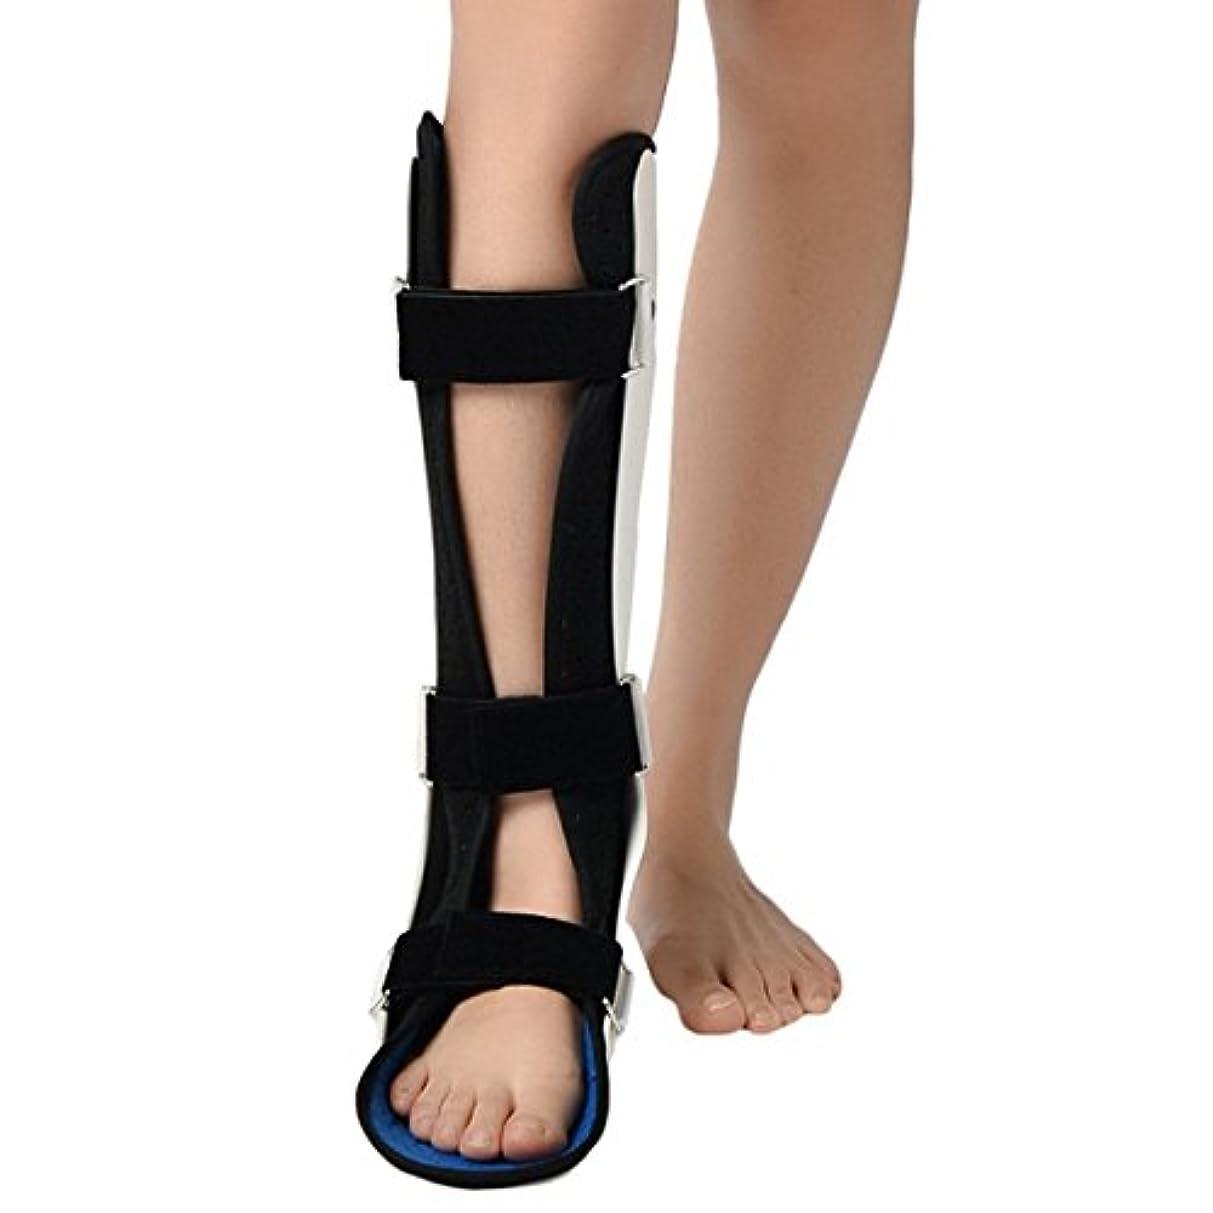 縁手伝う行列アンクル骨折リハビリテーション看護ケア固定足アンクルブーツアンクルブレースサポート足の捻挫足首サポートブレース